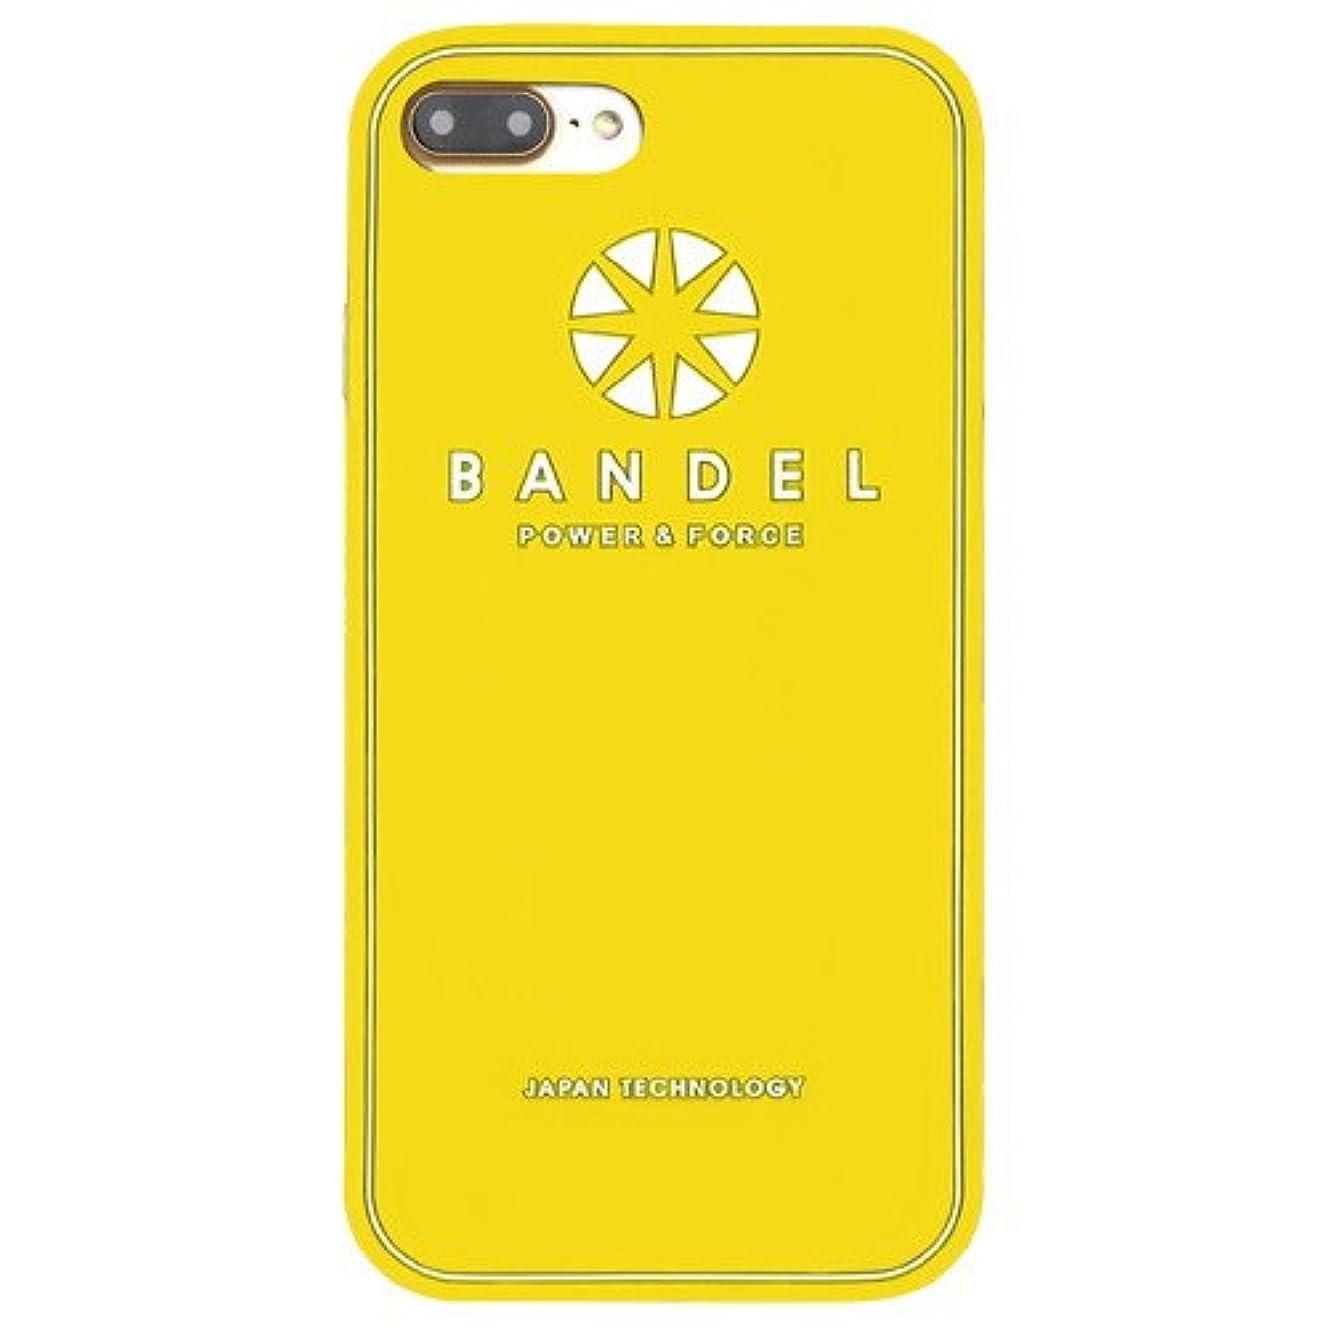 接地フォーマットメタルラインバンデル(BANDEL) ロゴ iPhone 7 Plus専用 シリコンケース [イエロー]